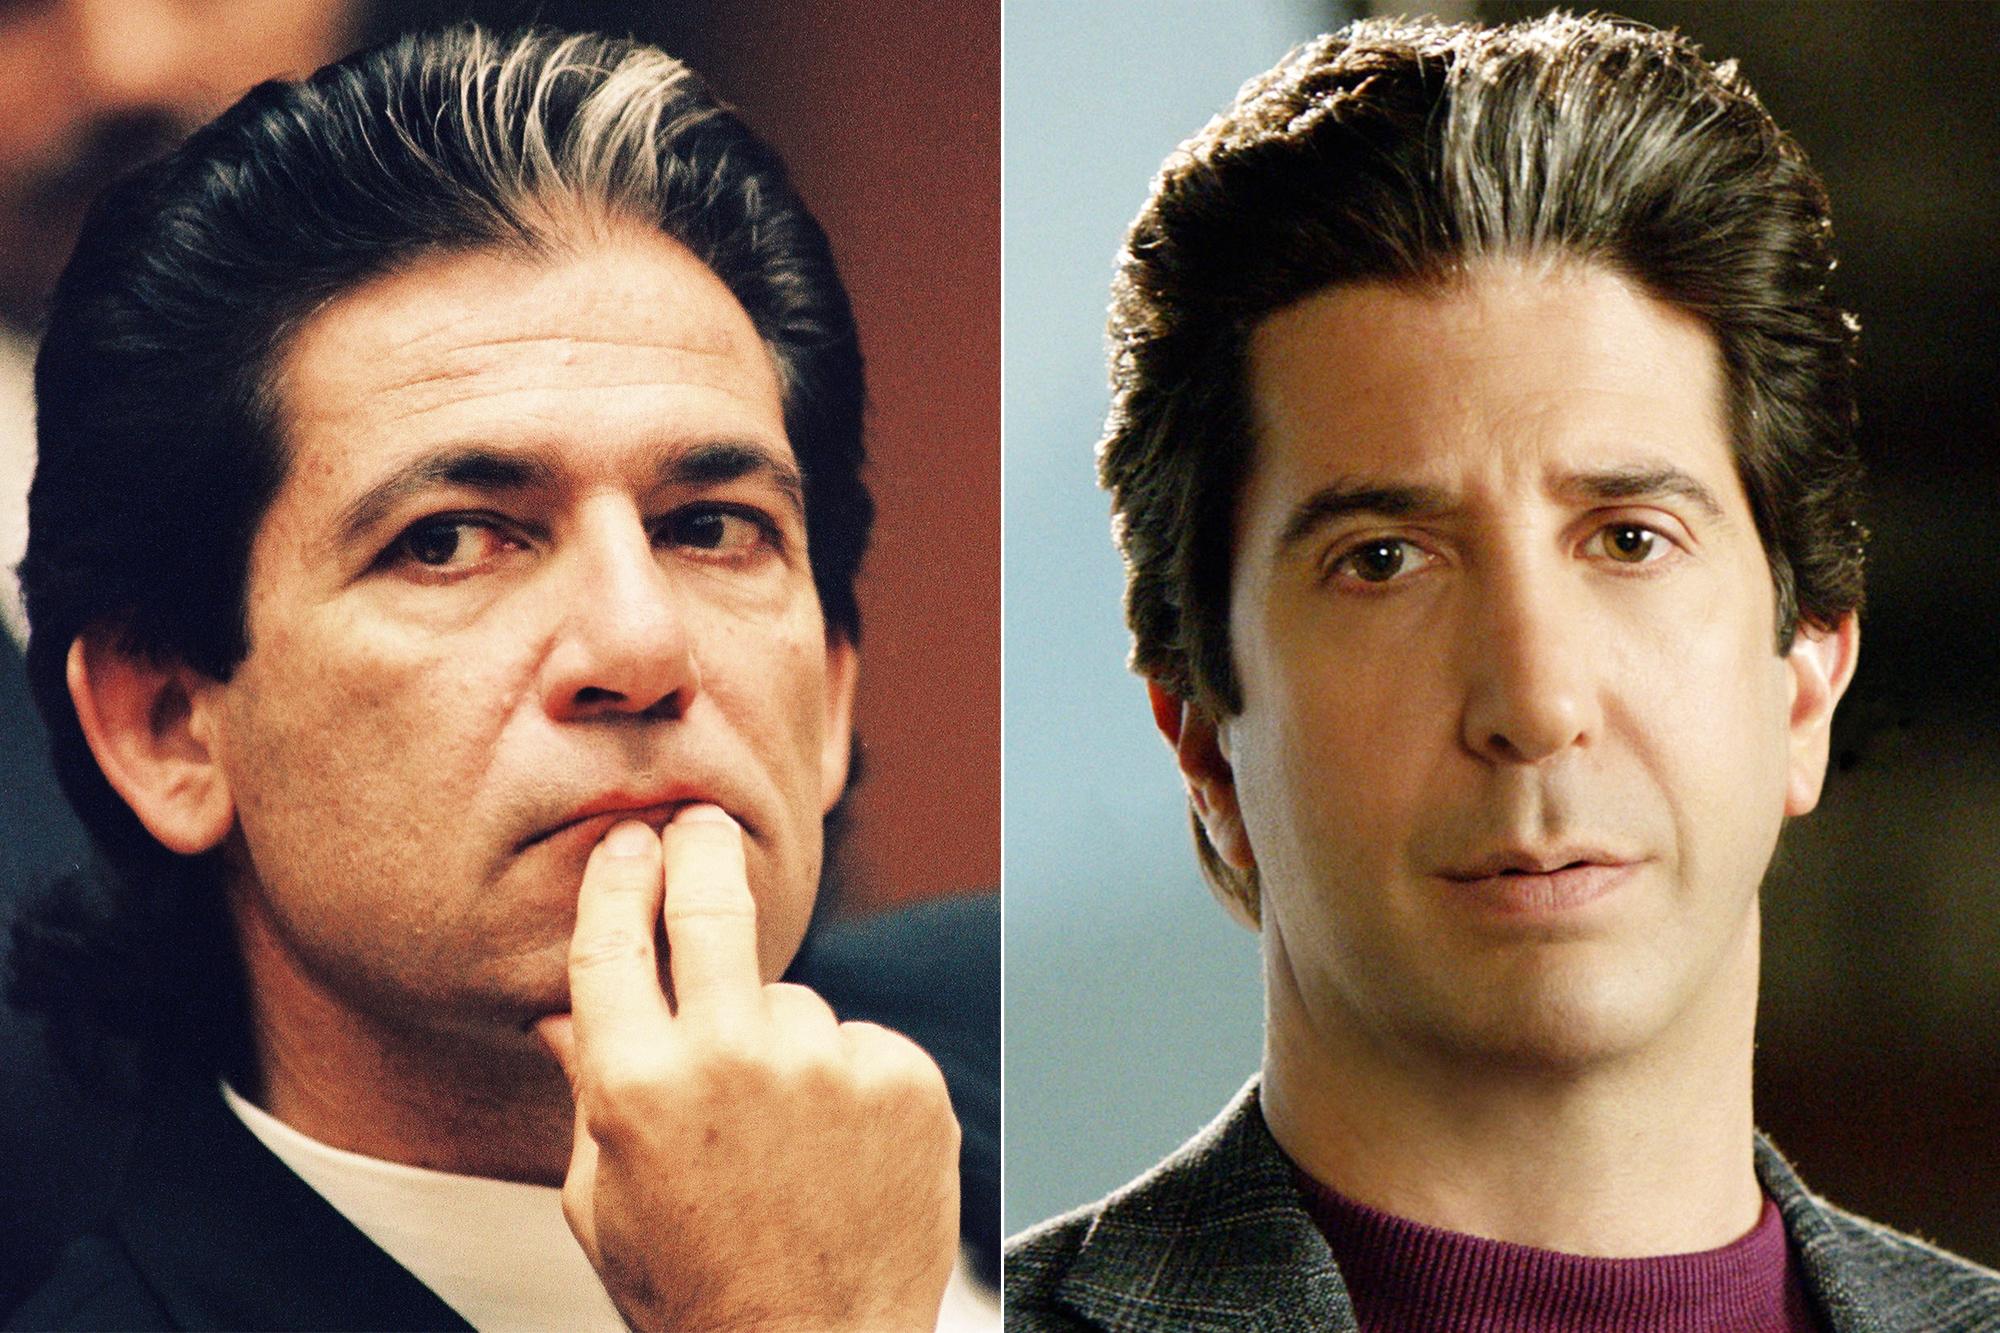 Left: Defense attorney Robert Kardashian; Right: David Schwimmer.